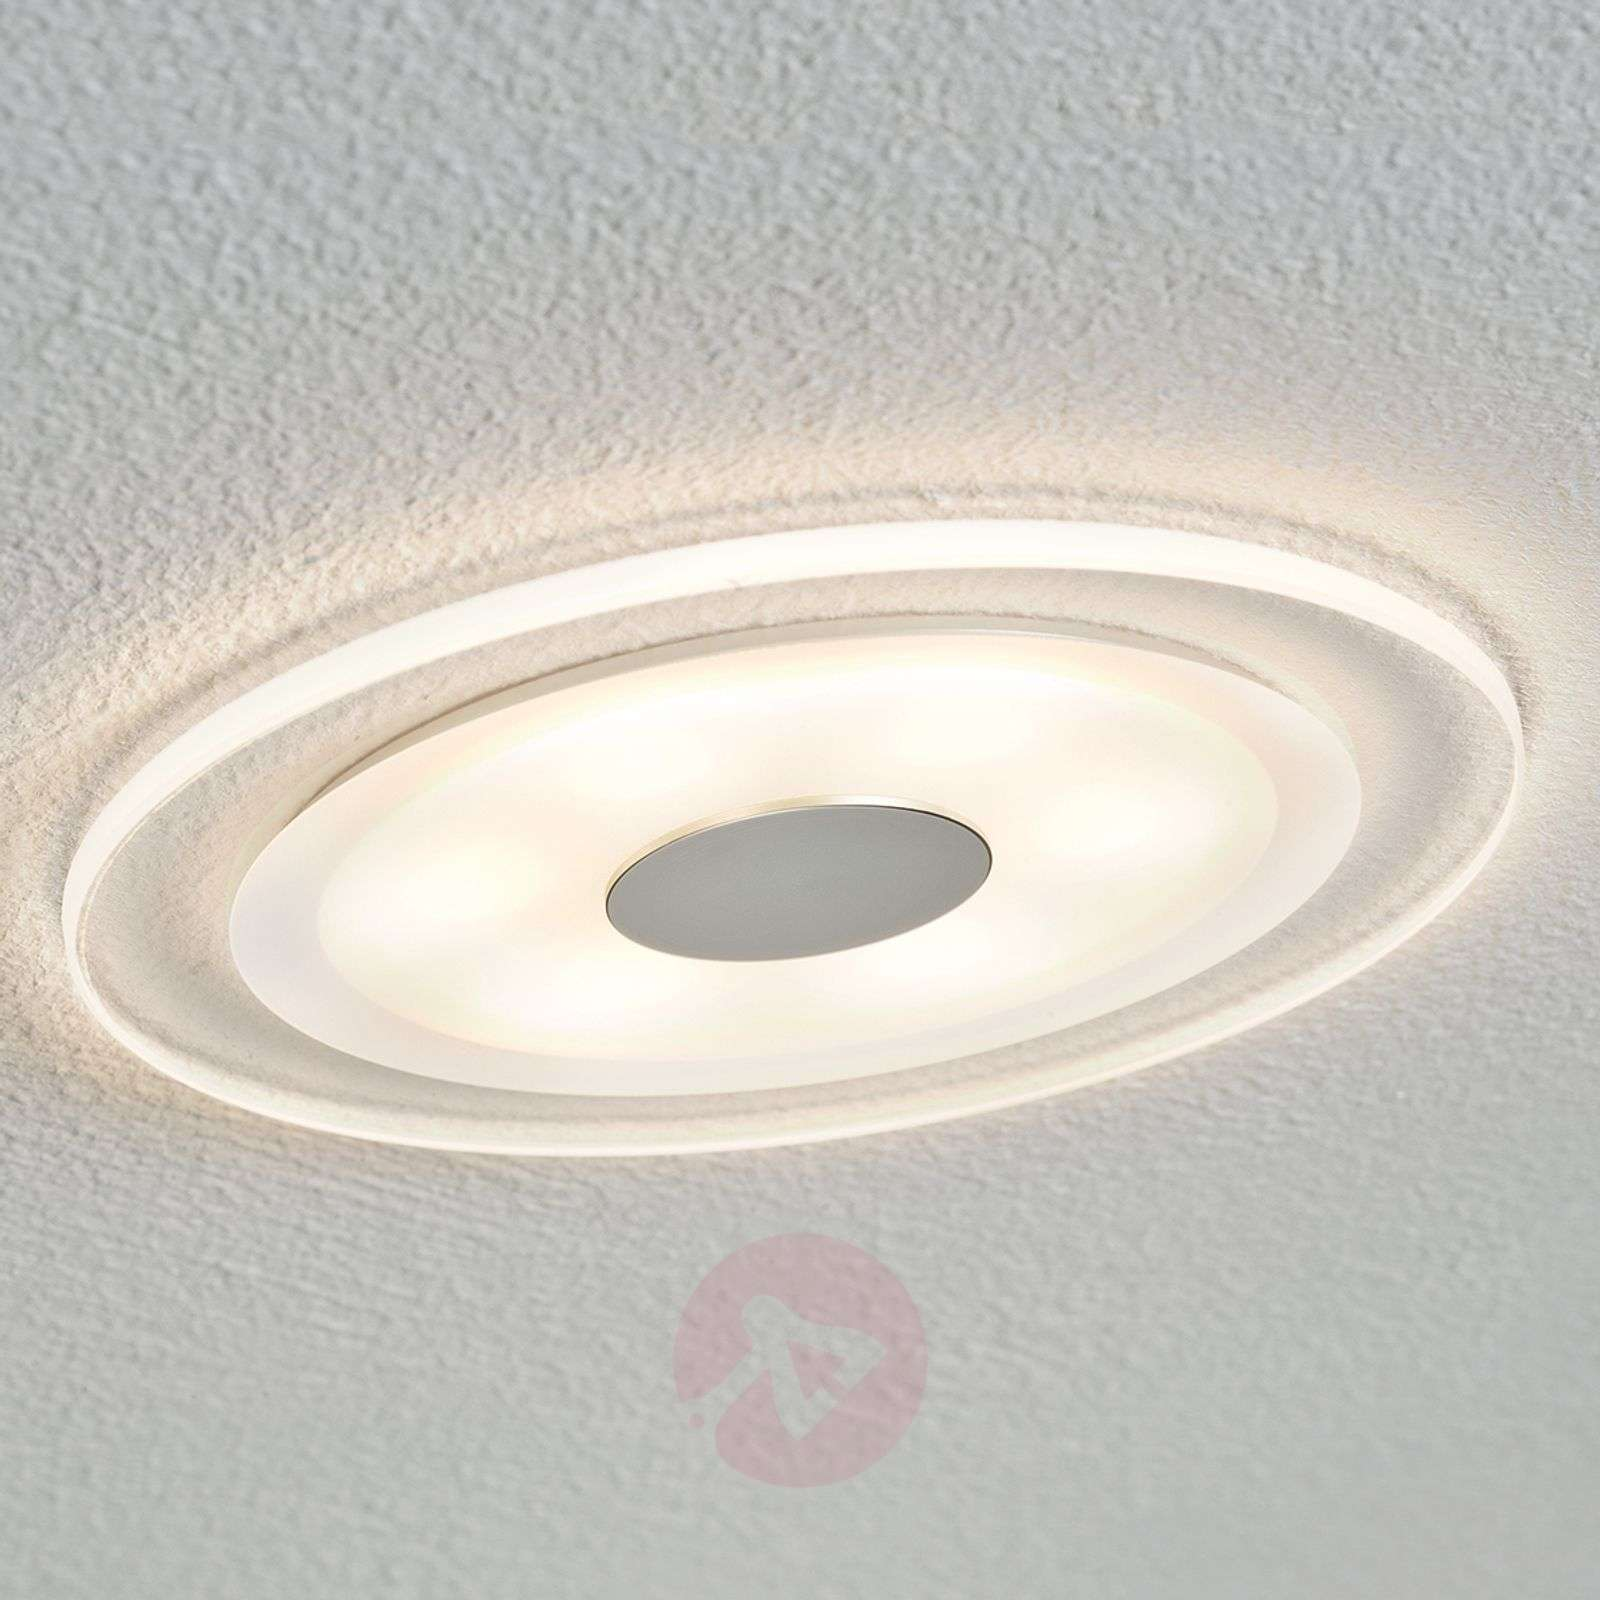 Ylellinen Whirl-LED-uppovalaisin IP23-7600588-01